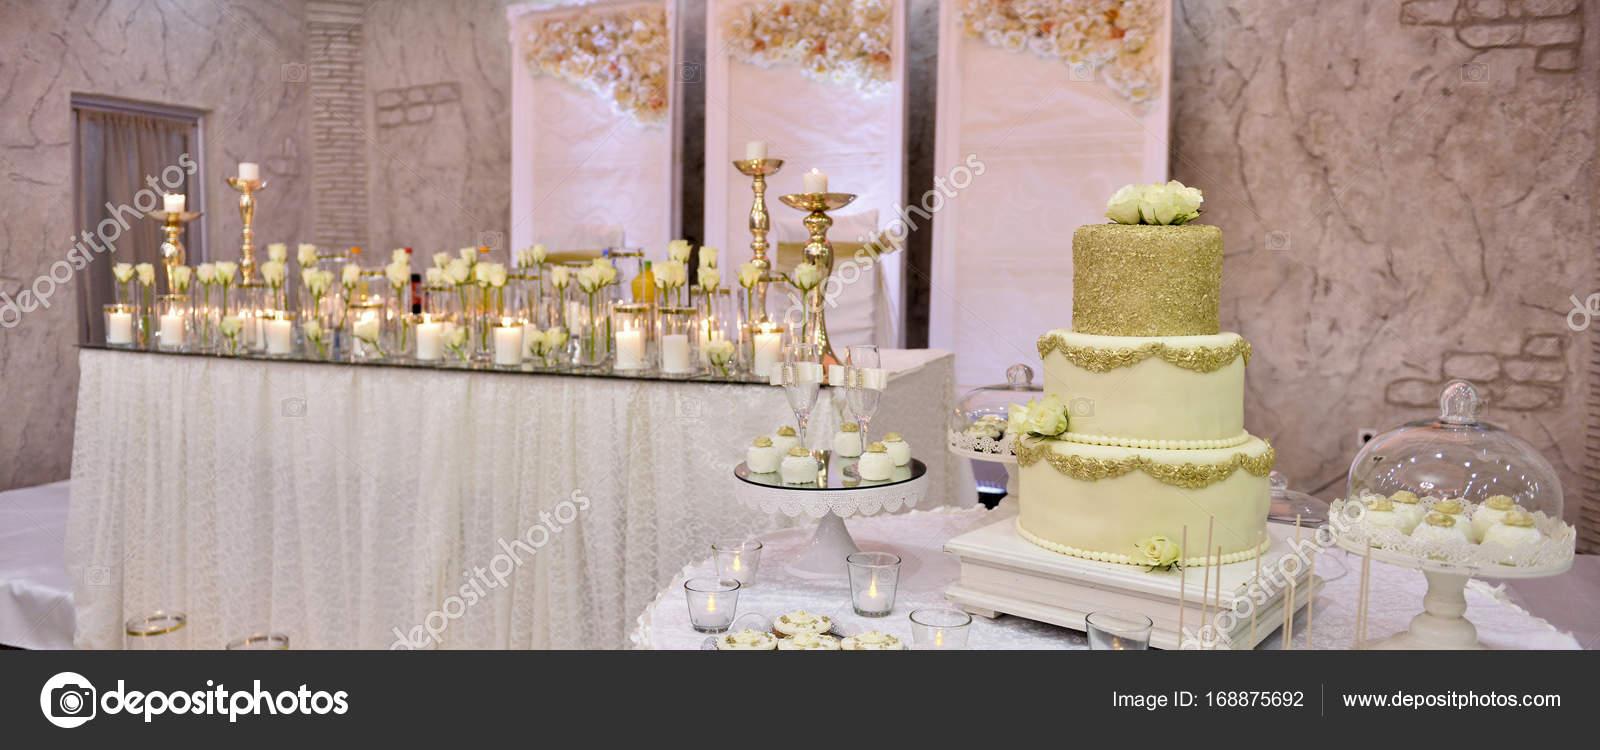 Tabelle Von Einer Hochzeit Brautpaar, Schöne Kuchen U2014 Stockfoto